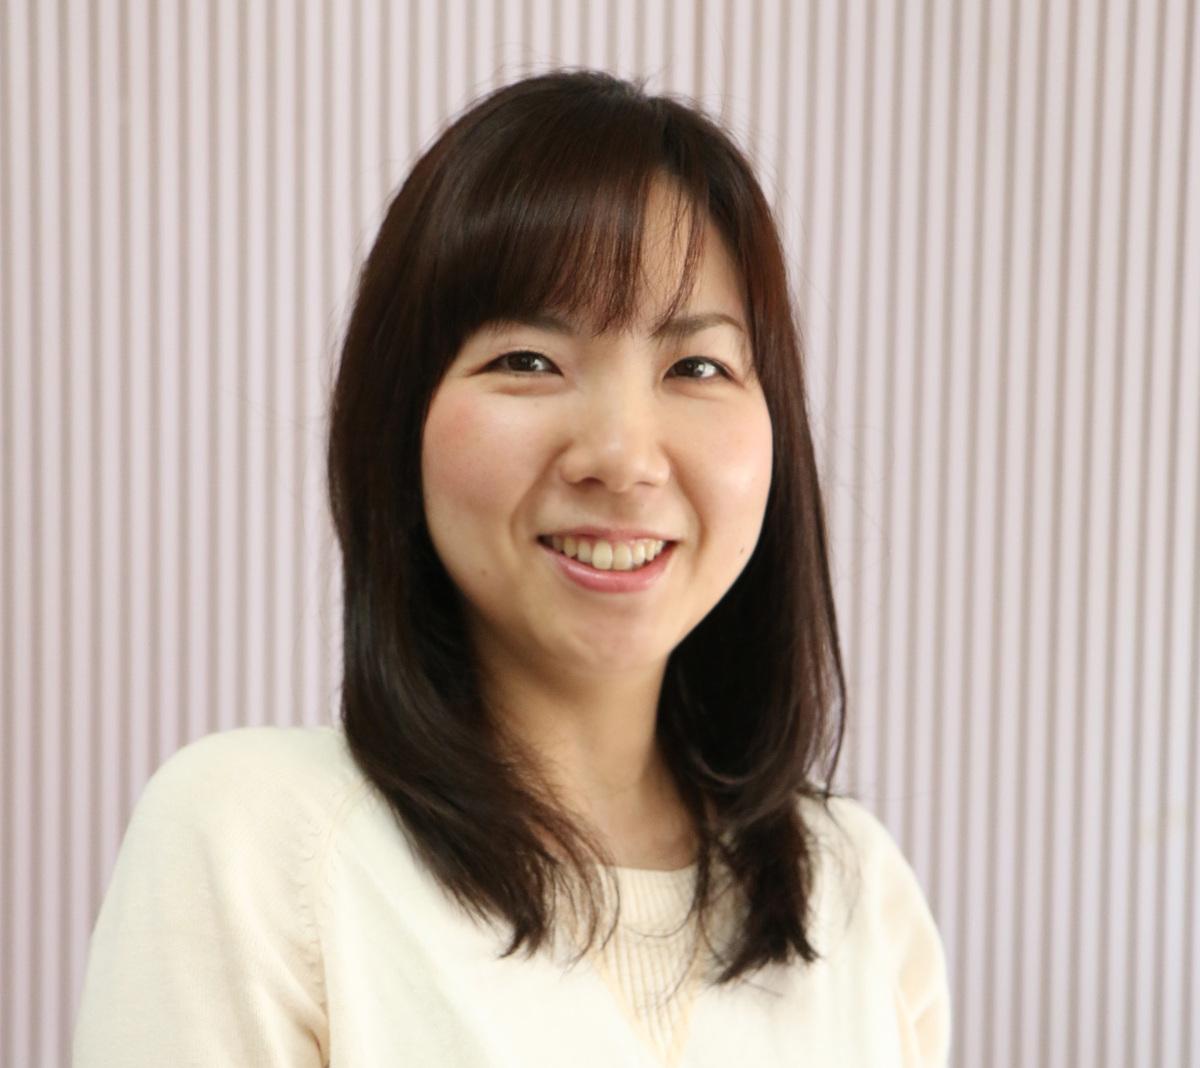 小川 育子 (おがわ いくこ)